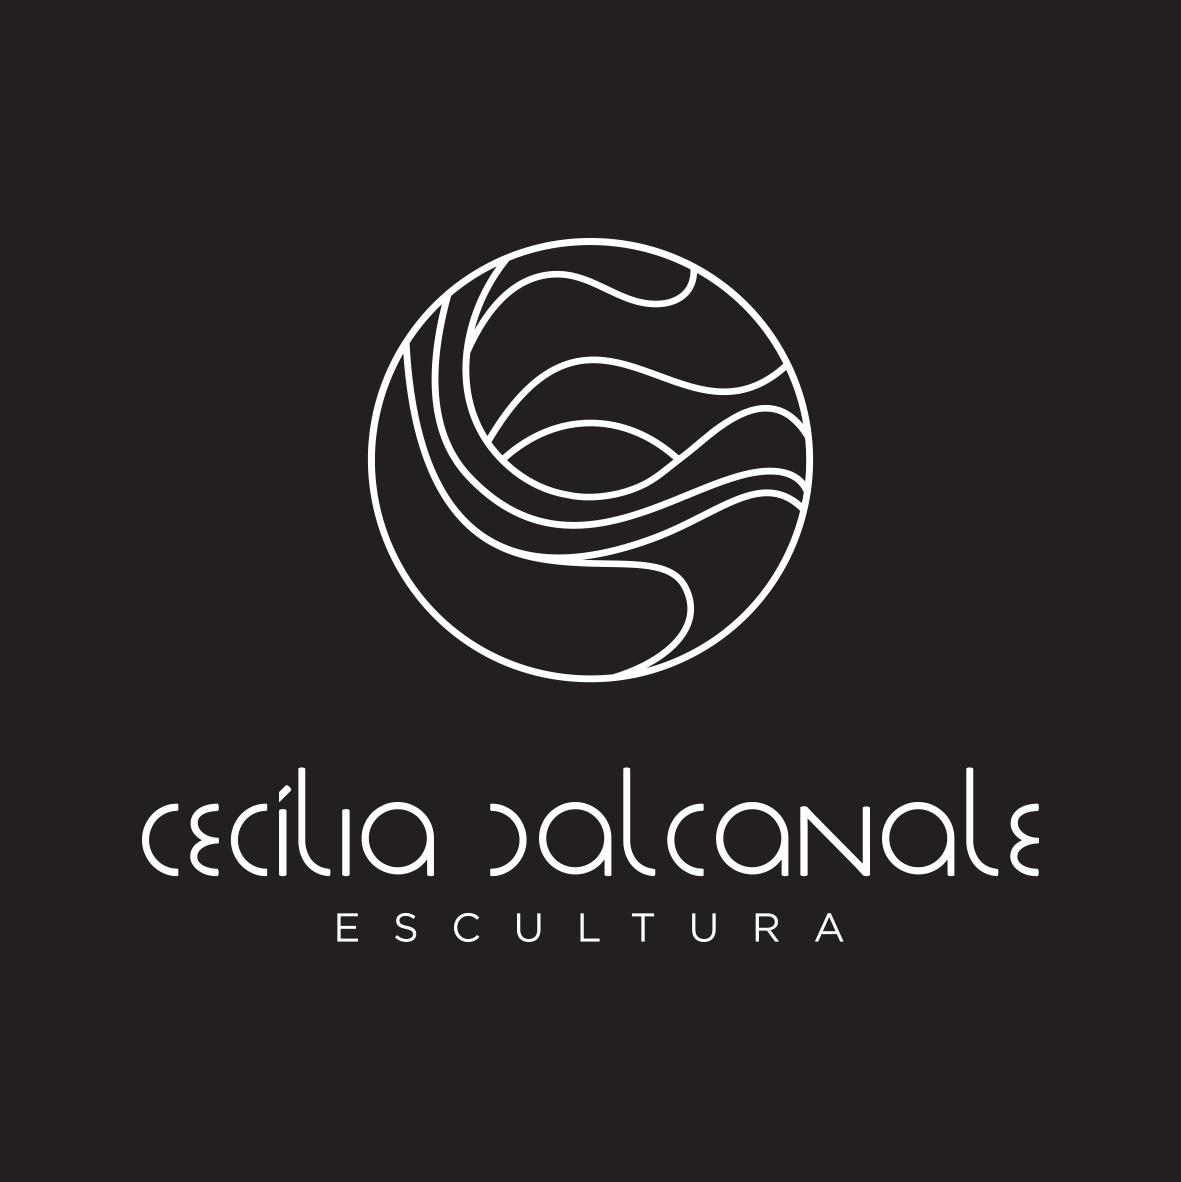 03-cecilia-dalcanale-logo-02-v2